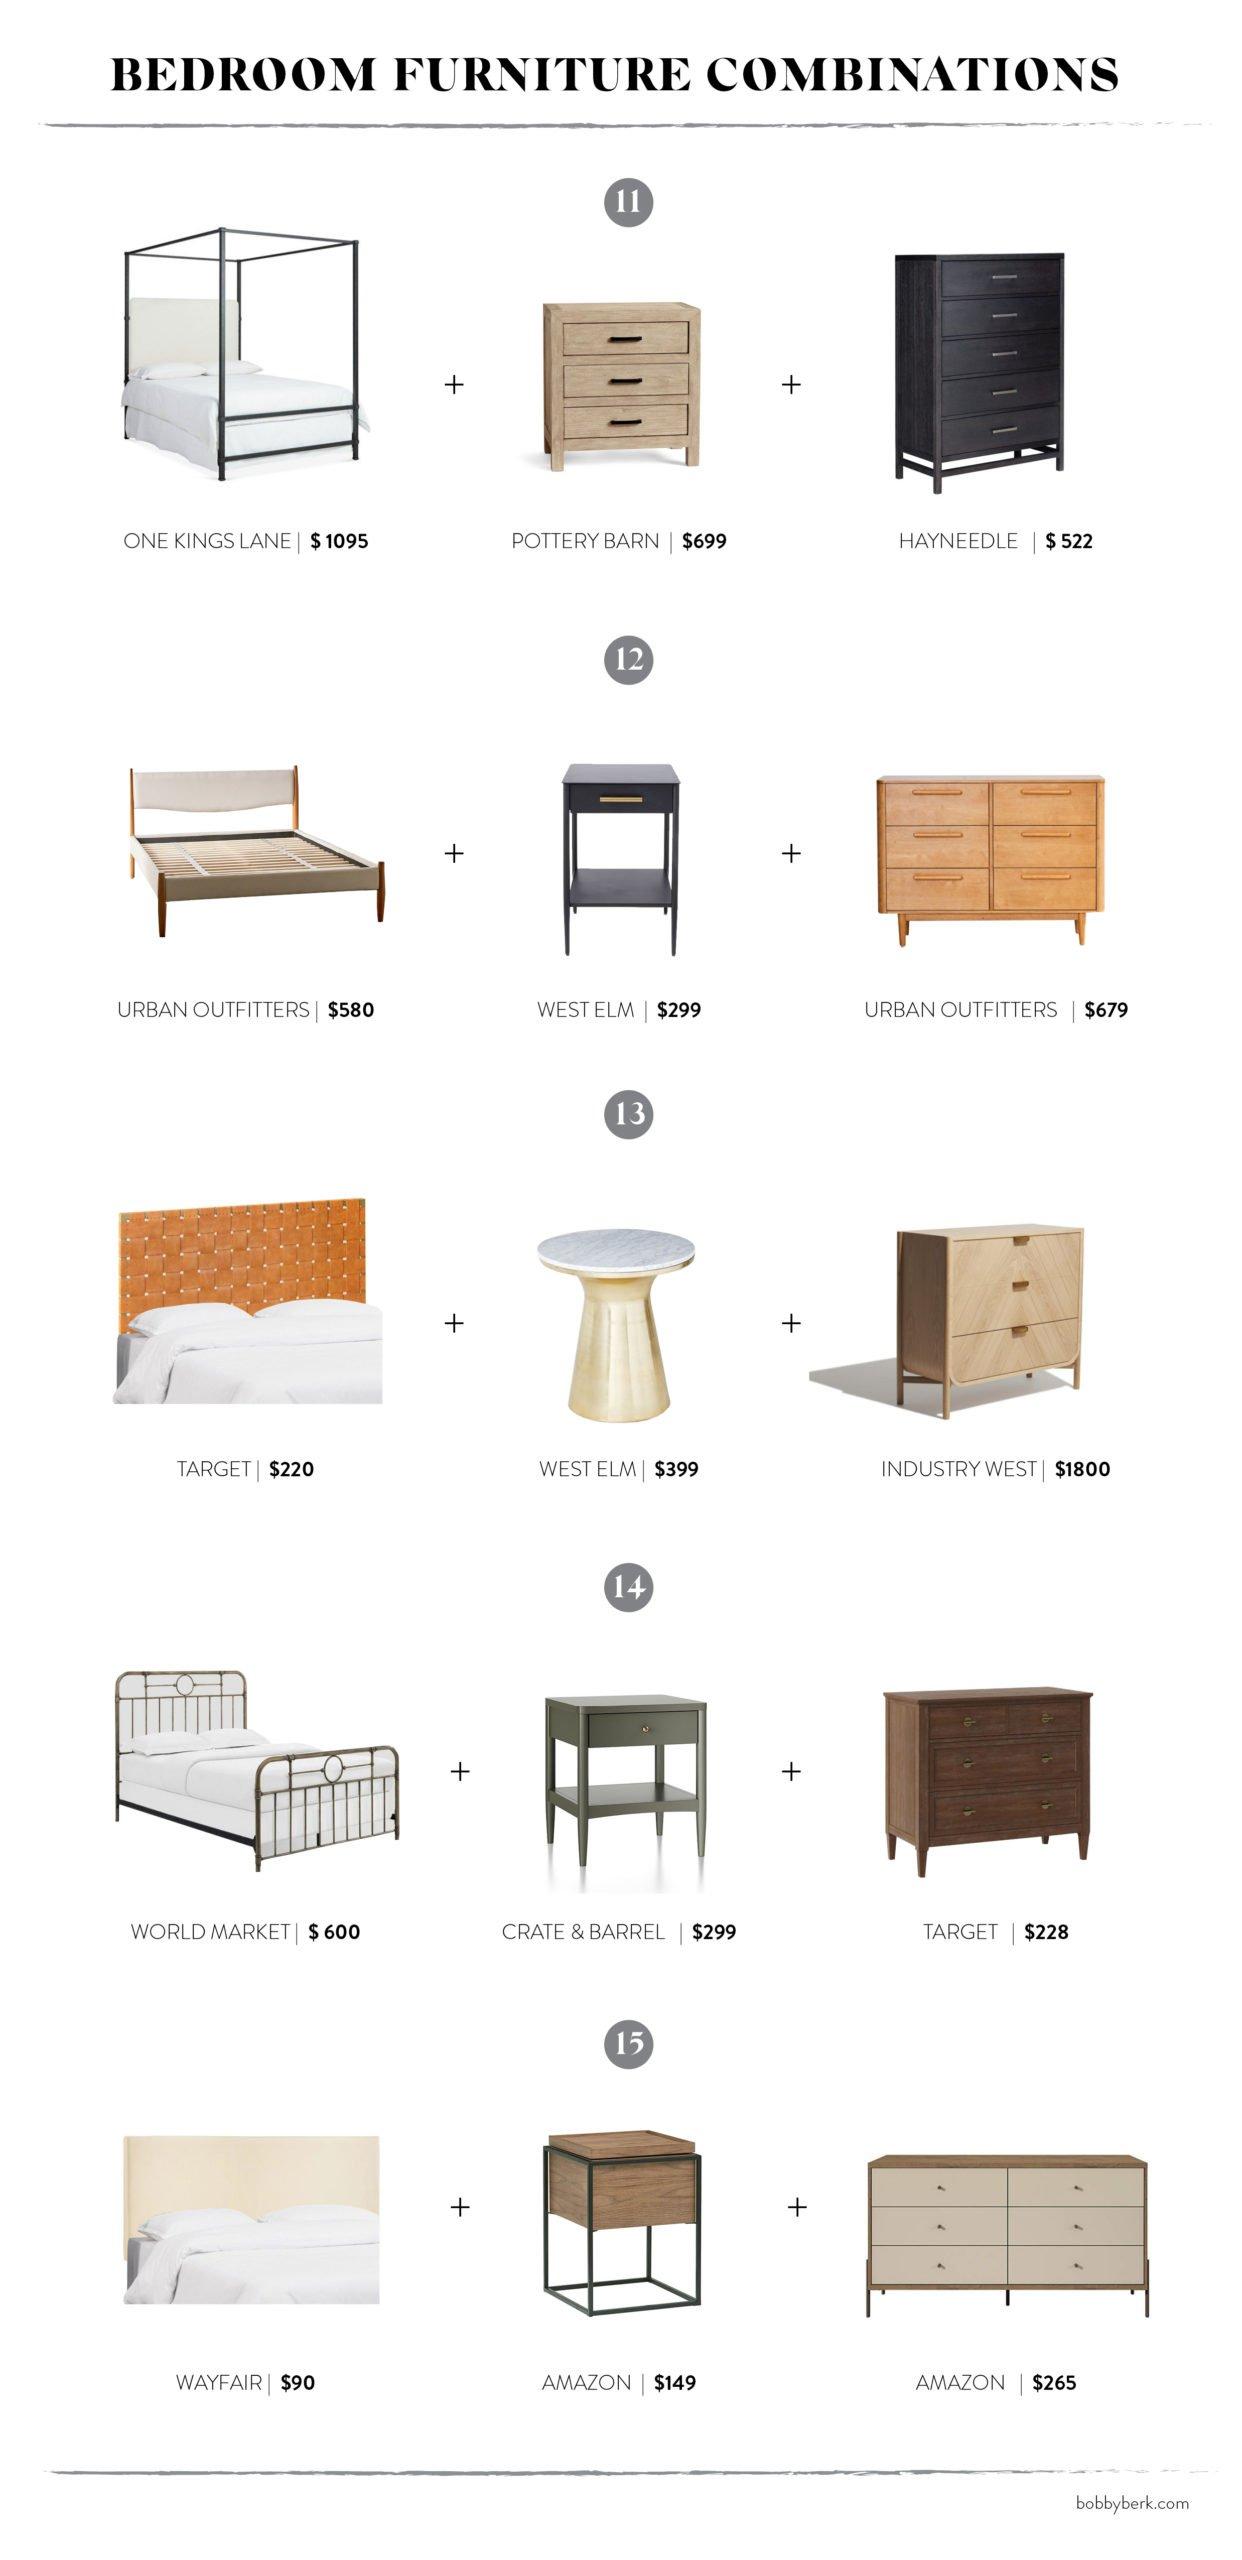 Mixing It Up: 15 Bedroom Furniture Pairings That Work - Bobby Berk